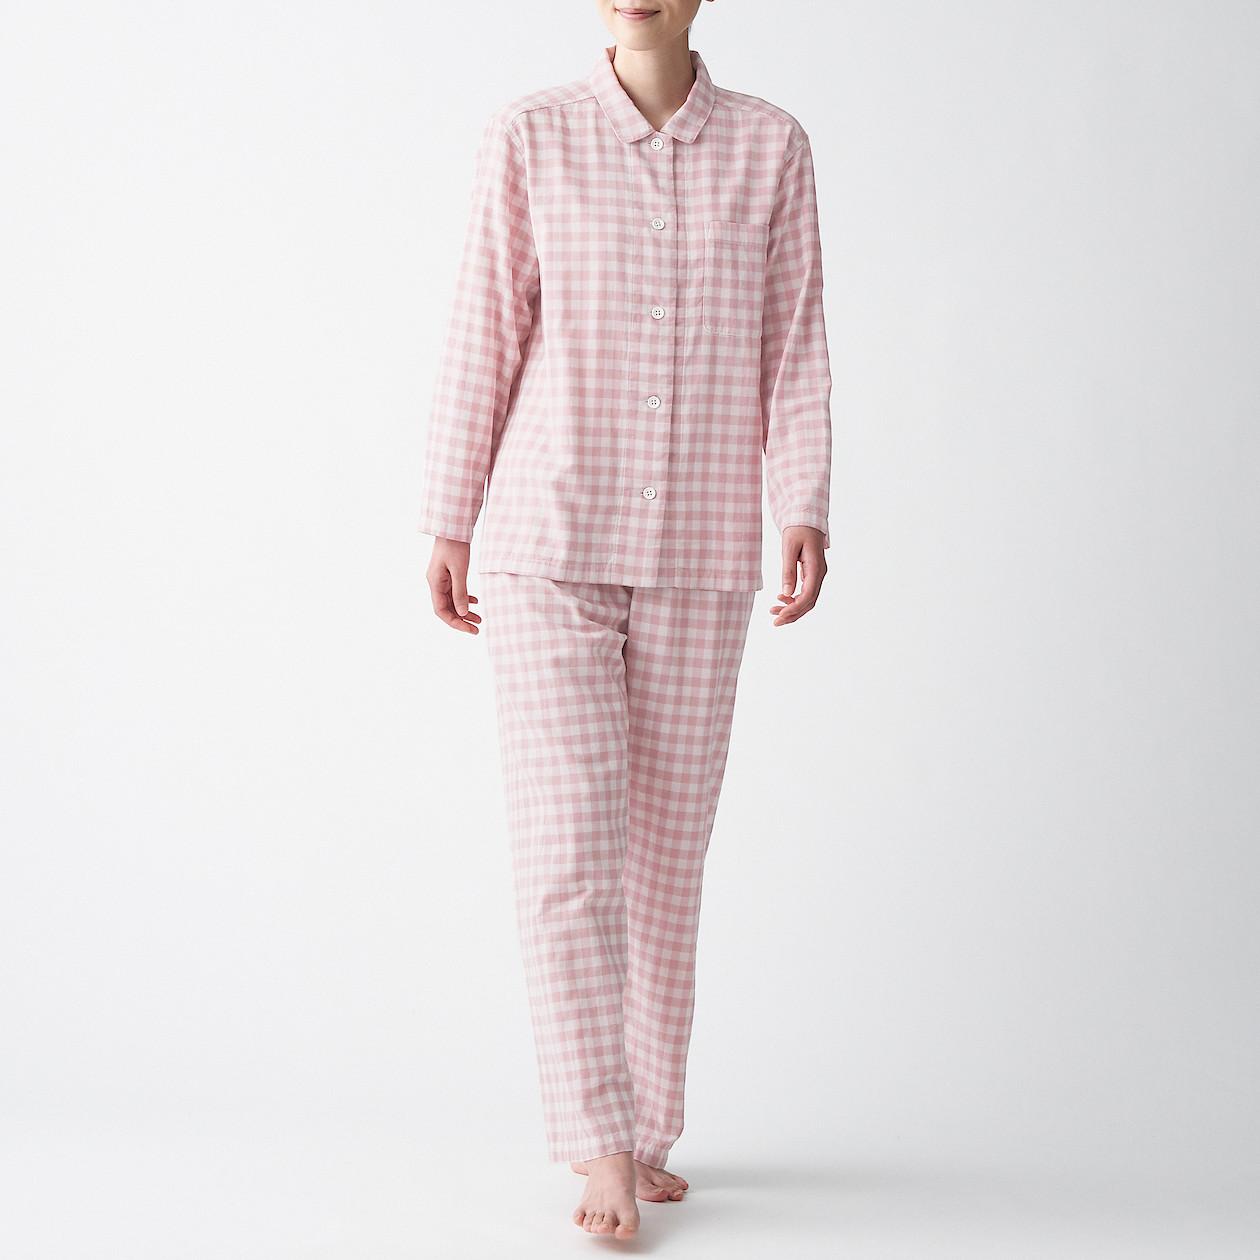 2 hãng pyjama mẫu mã hơi tẻ nhưng lại được Phương Ly mua hoài vì chất vải mặc quá sướng - Ảnh 6.